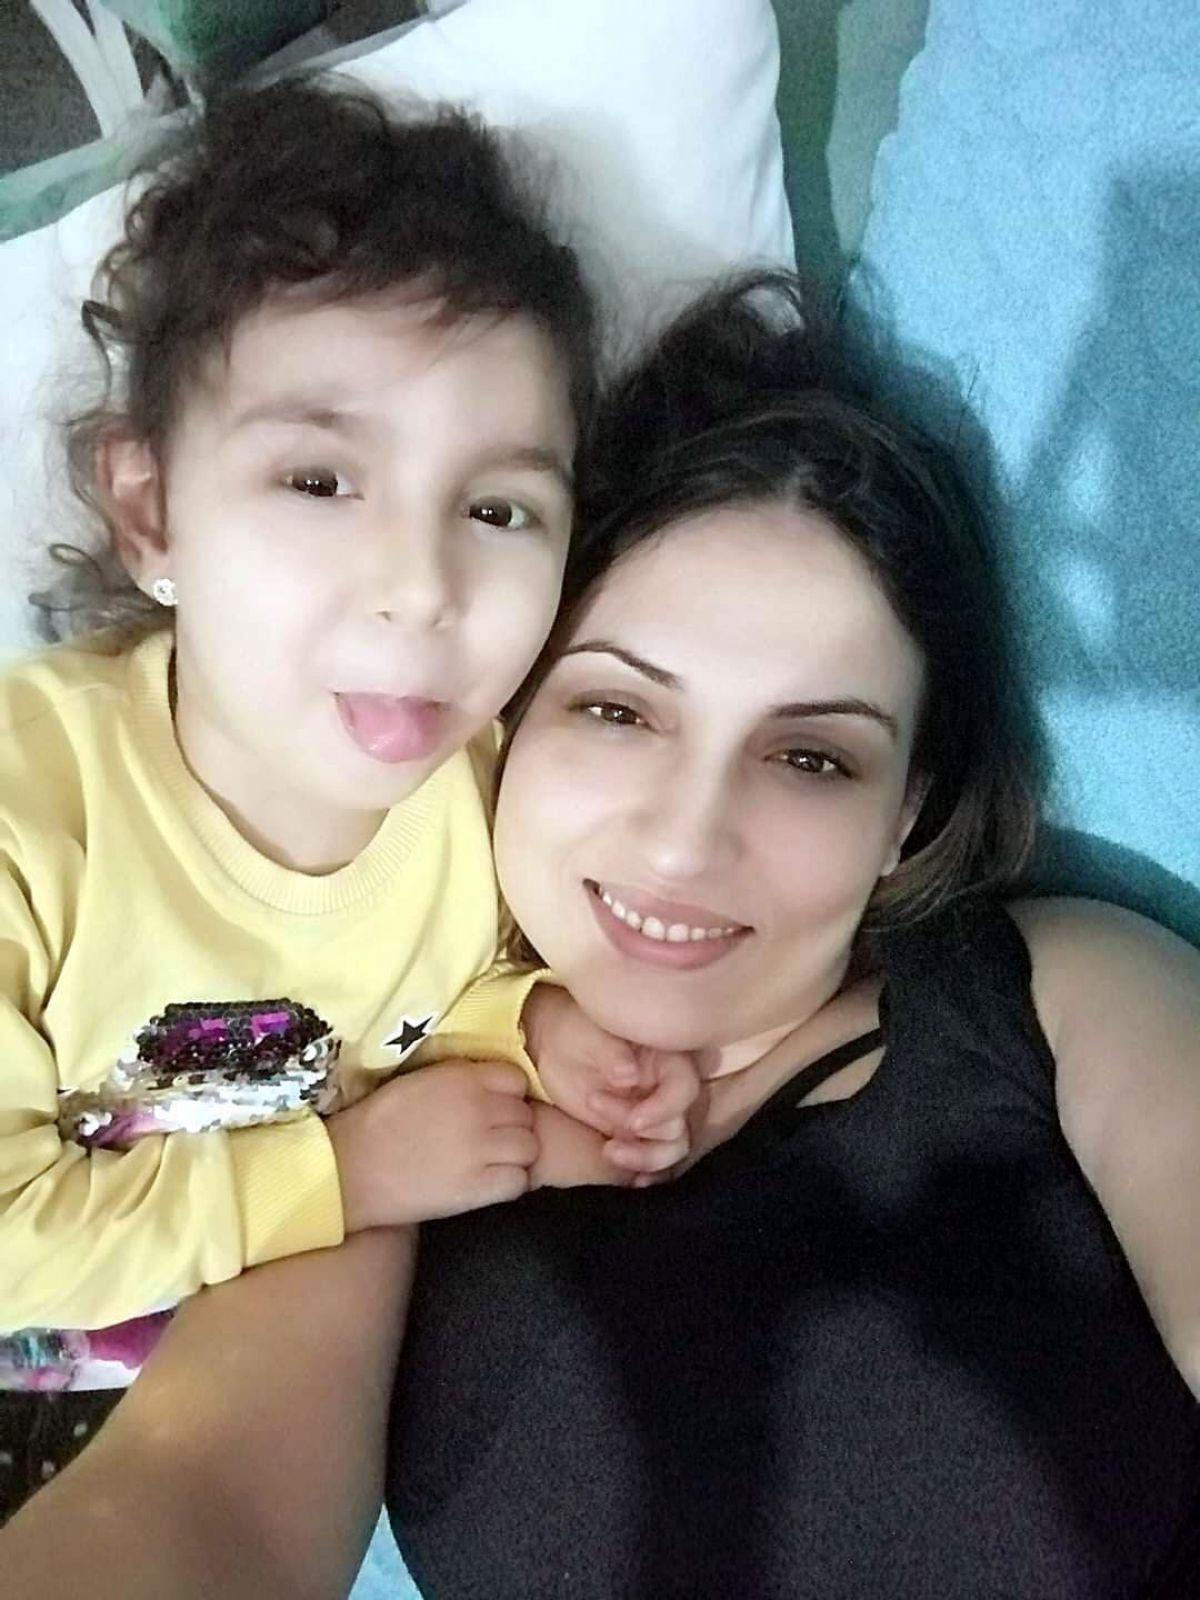 İzmir de 4 yaşındaki kızını yastıkla boğan anneye ağırlaştırılmış müebbet #2